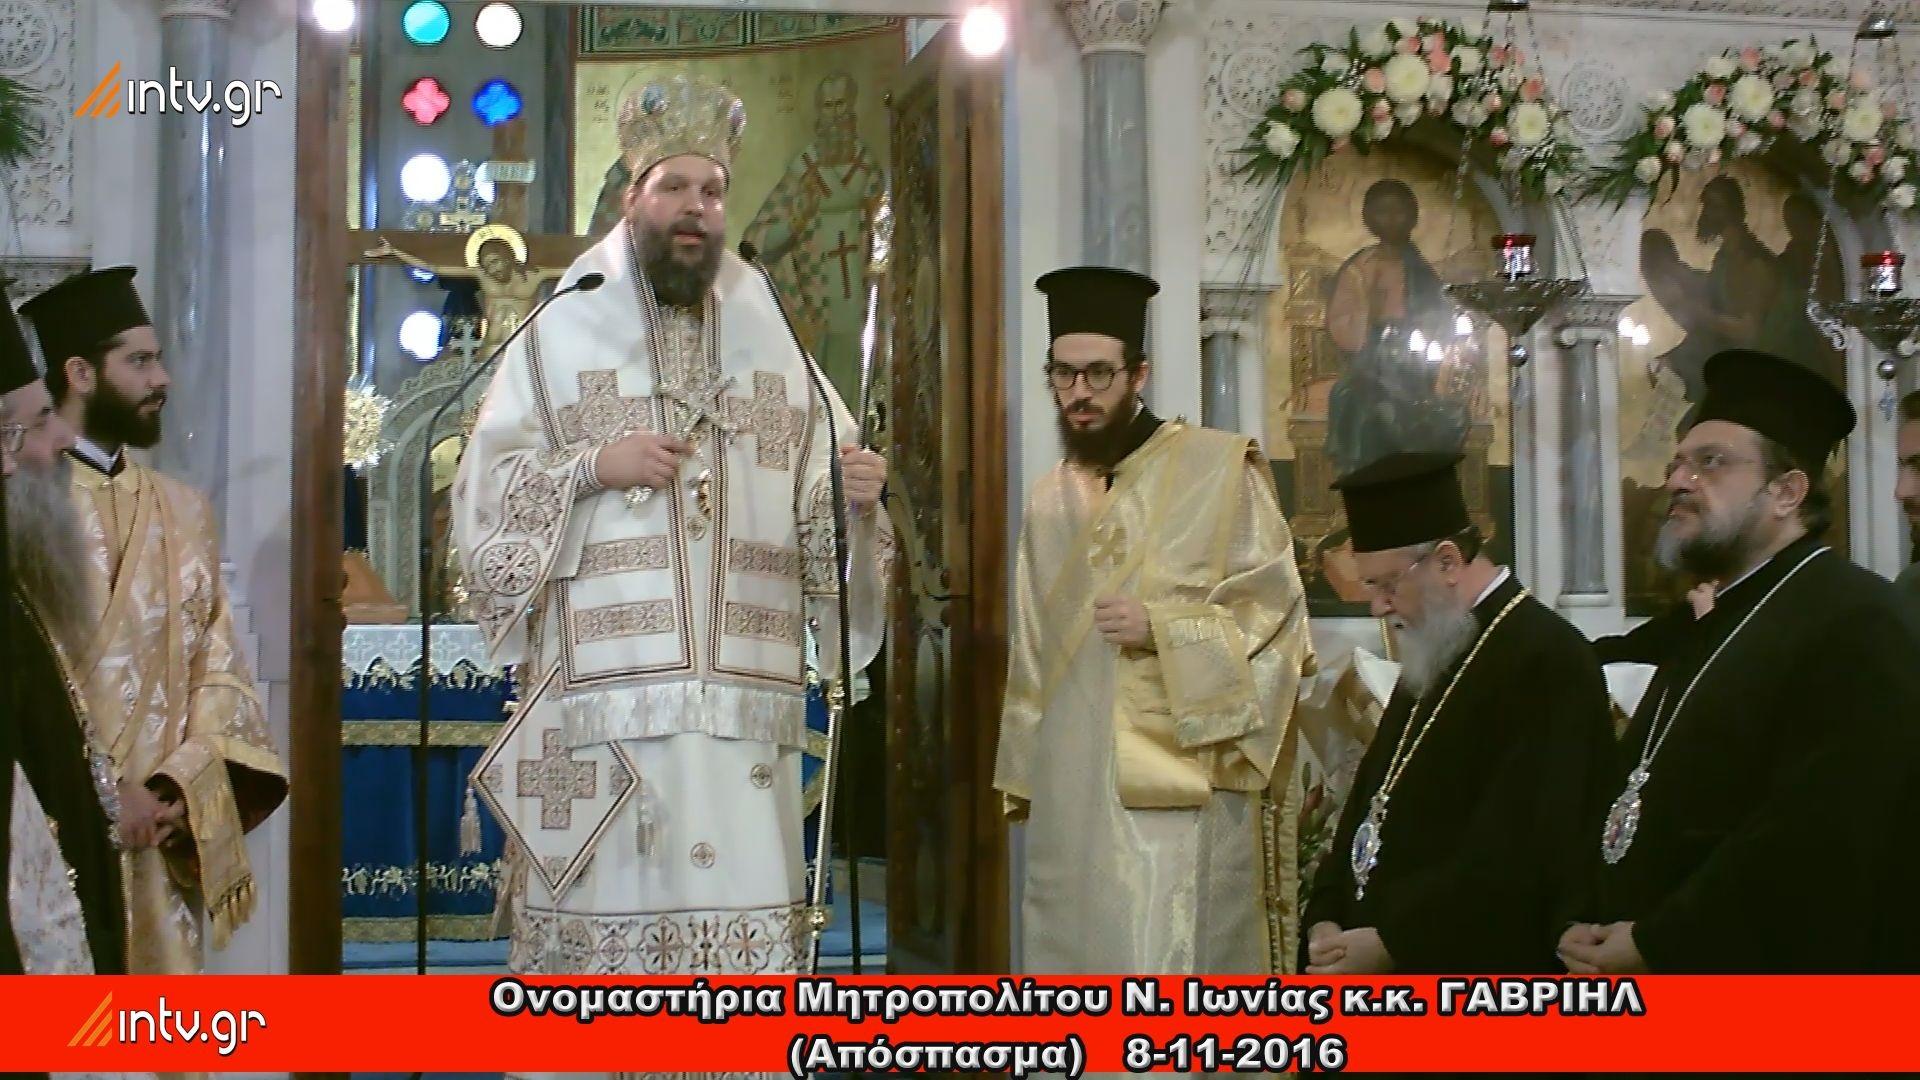 Ονομαστήρια Μητροπολίτου Ν. Ιωνίας κ.κ. ΓΑΒΡΙΗΛ